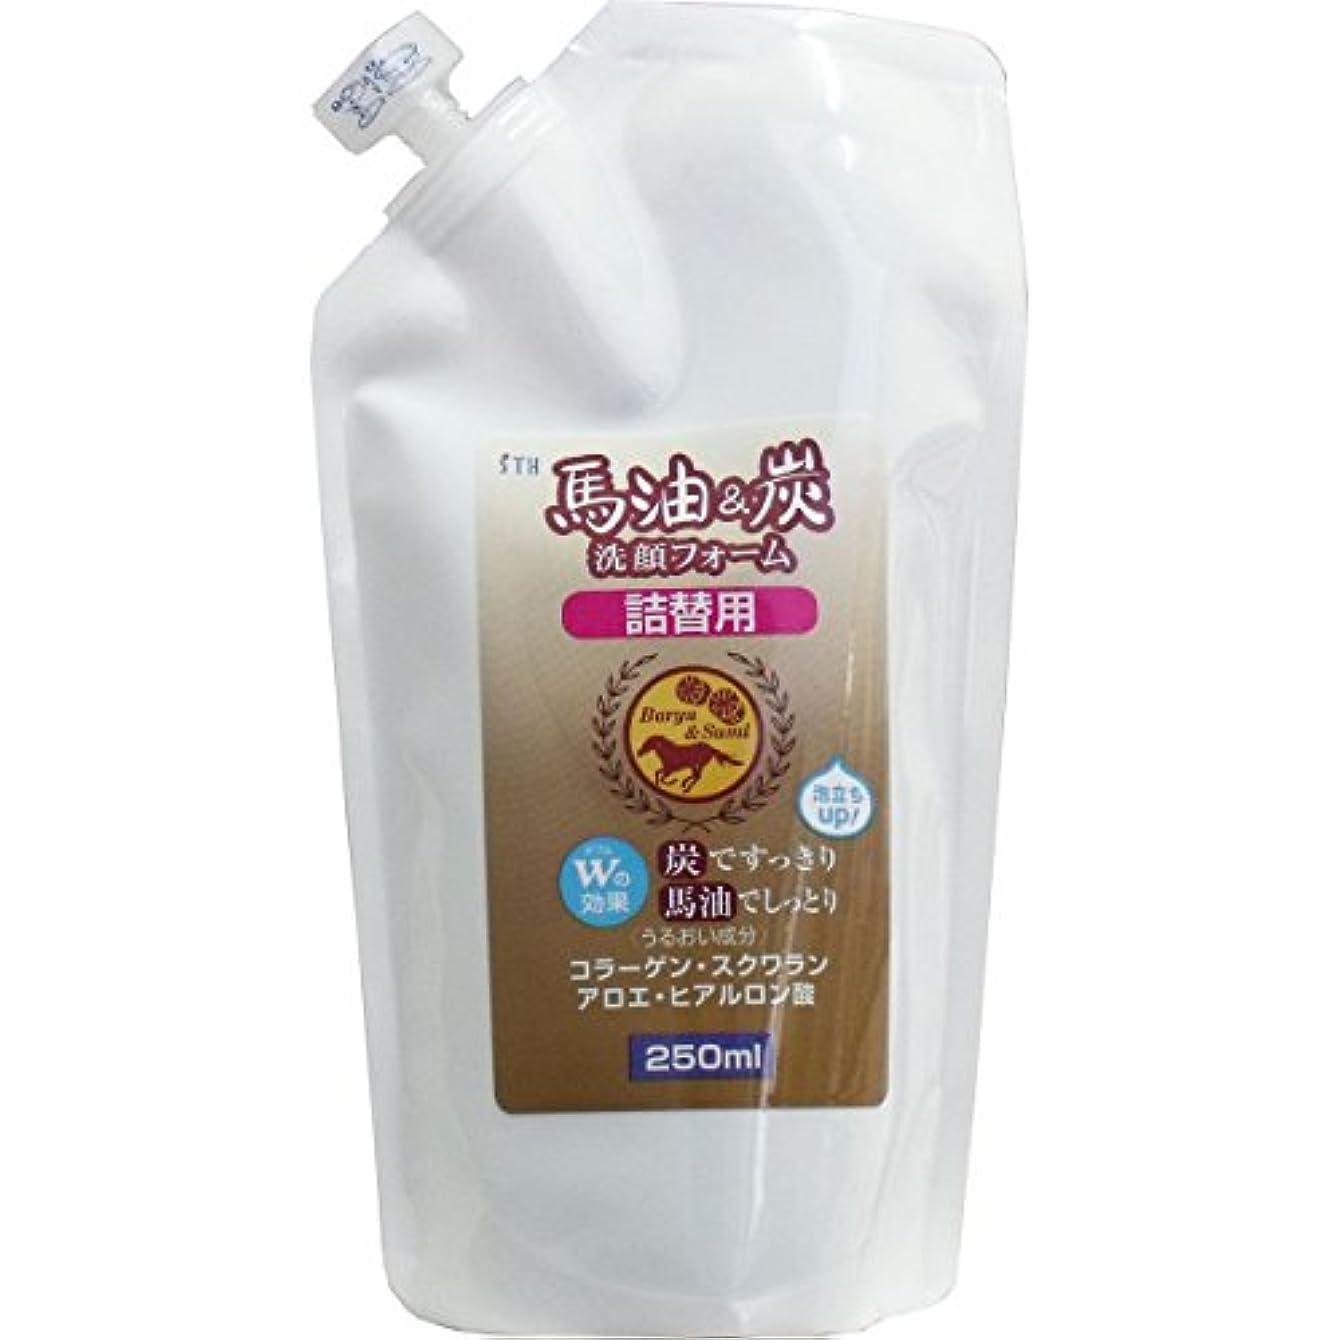 霜もちろん利用可能馬油&炭 洗顔フォーム 詰替用 250ml 1個